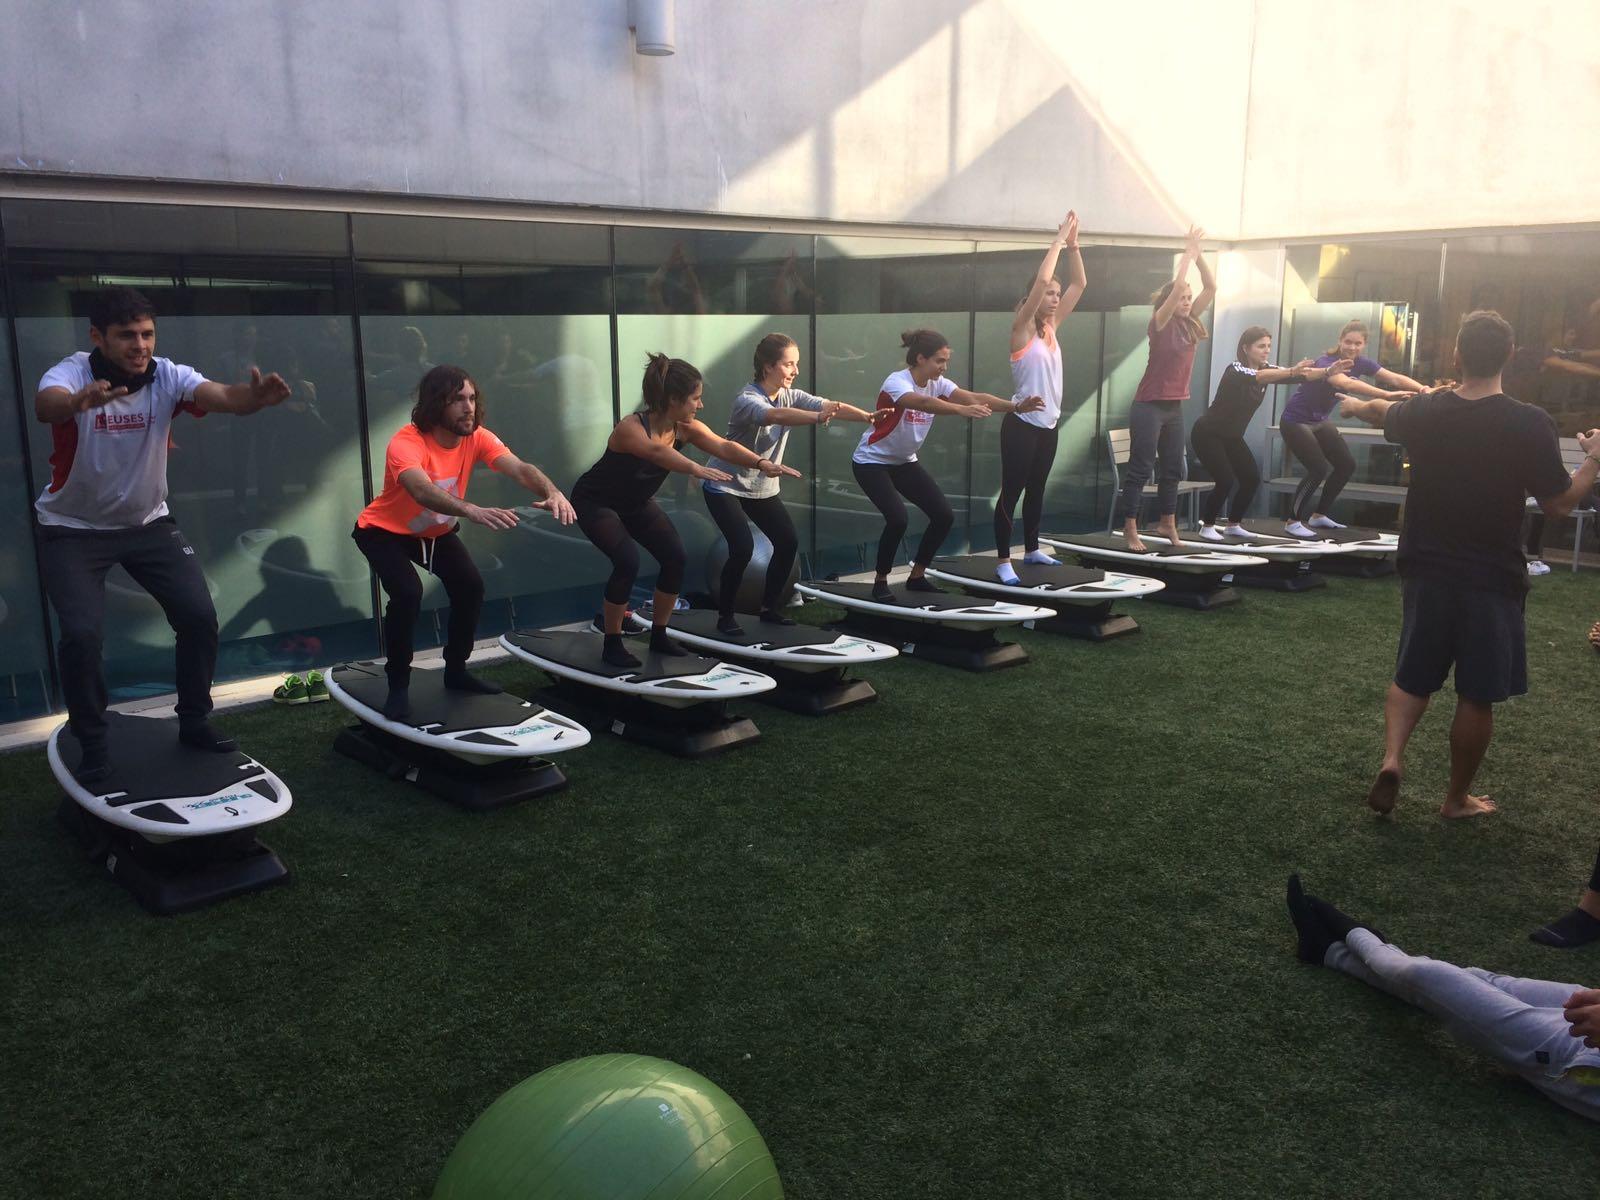 Els alumnes de 3r de CAFE es familiaritzen amb les taules de surf fitness en un seminari impartit pels responsables de Surfset Spain dins l'assignatura de Noves Tendències d'Entrenament